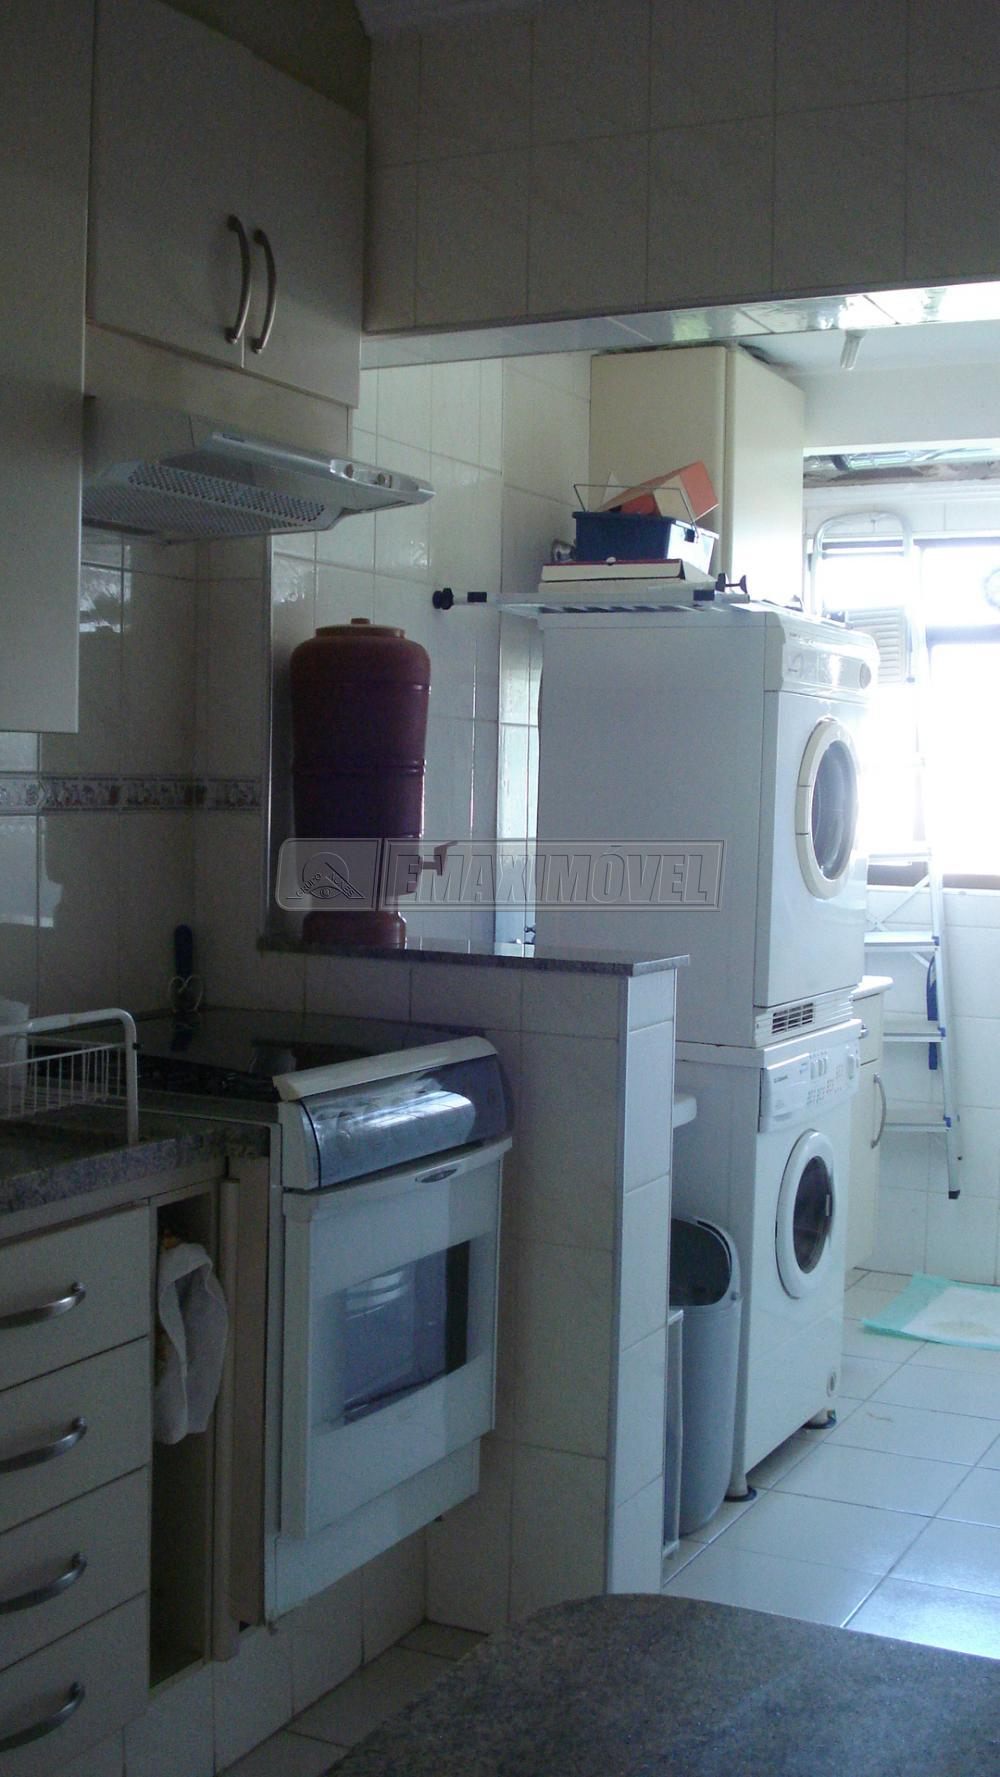 Comprar Apartamentos / Apto Padrão em Sorocaba apenas R$ 450.000,00 - Foto 7